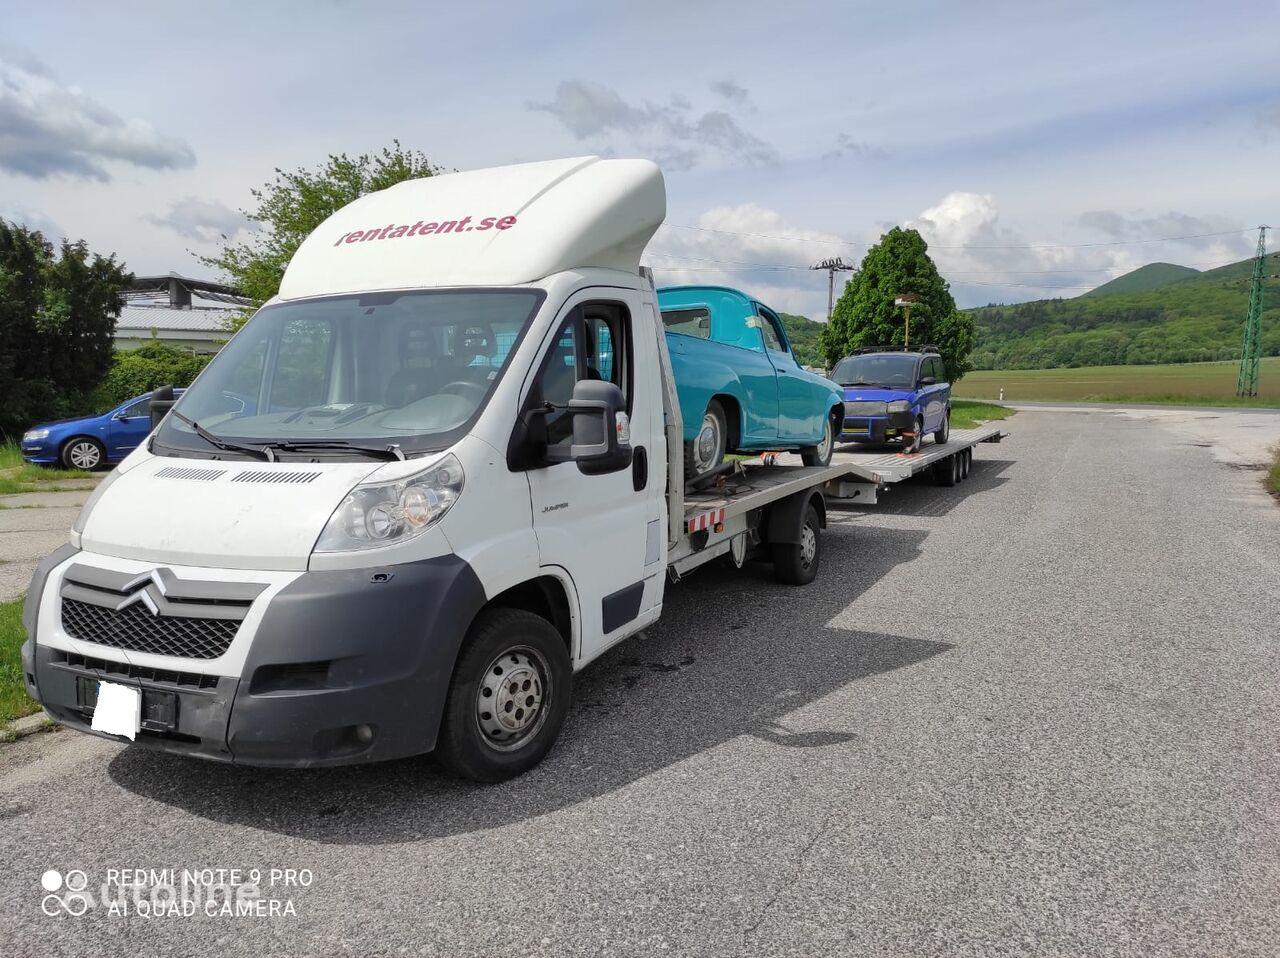 camião porta-automóveis CITROEN Jumper 3.0liter 2008 winch ramp + reboque porta carros